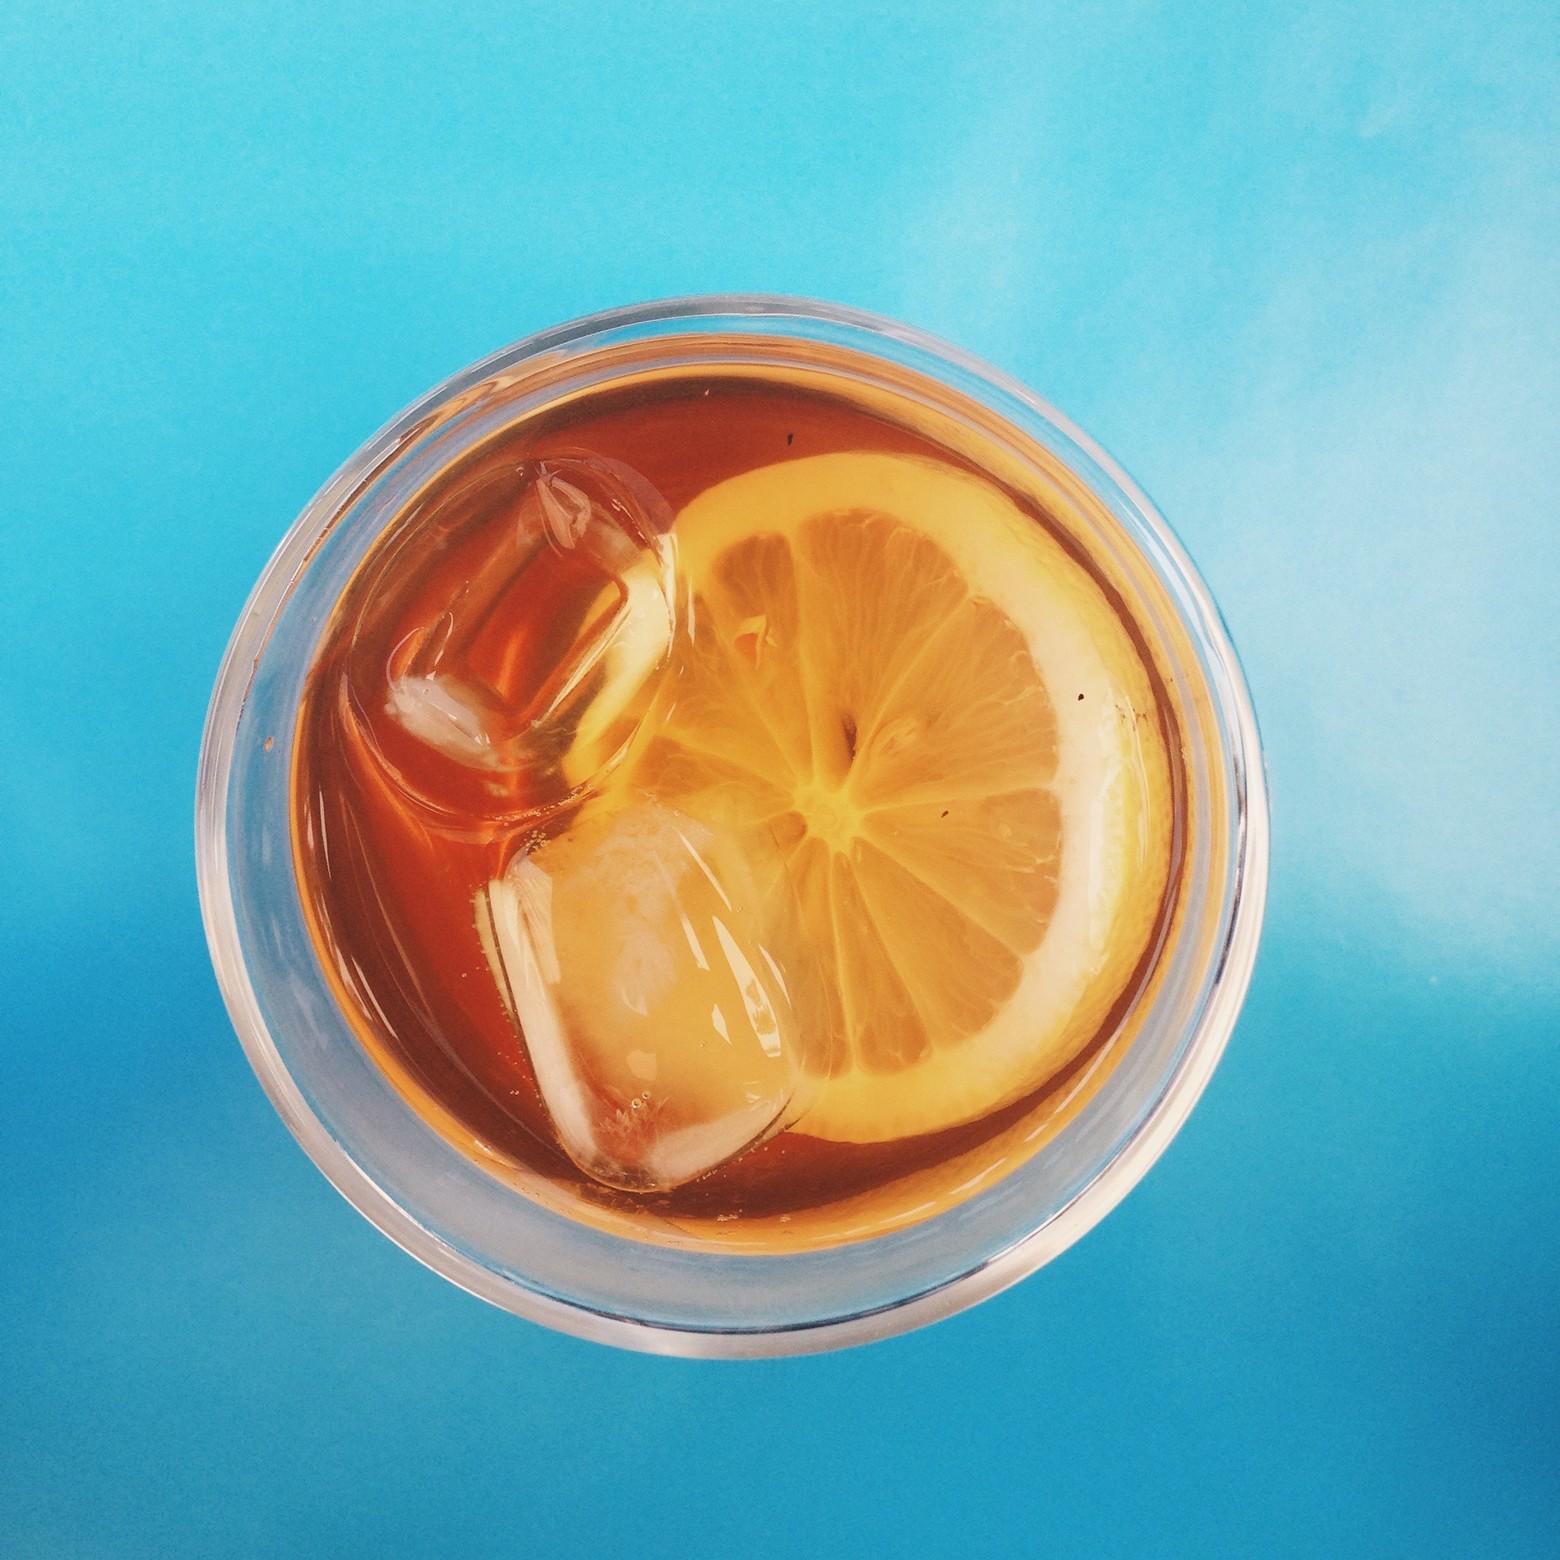 Verre de citron et glace